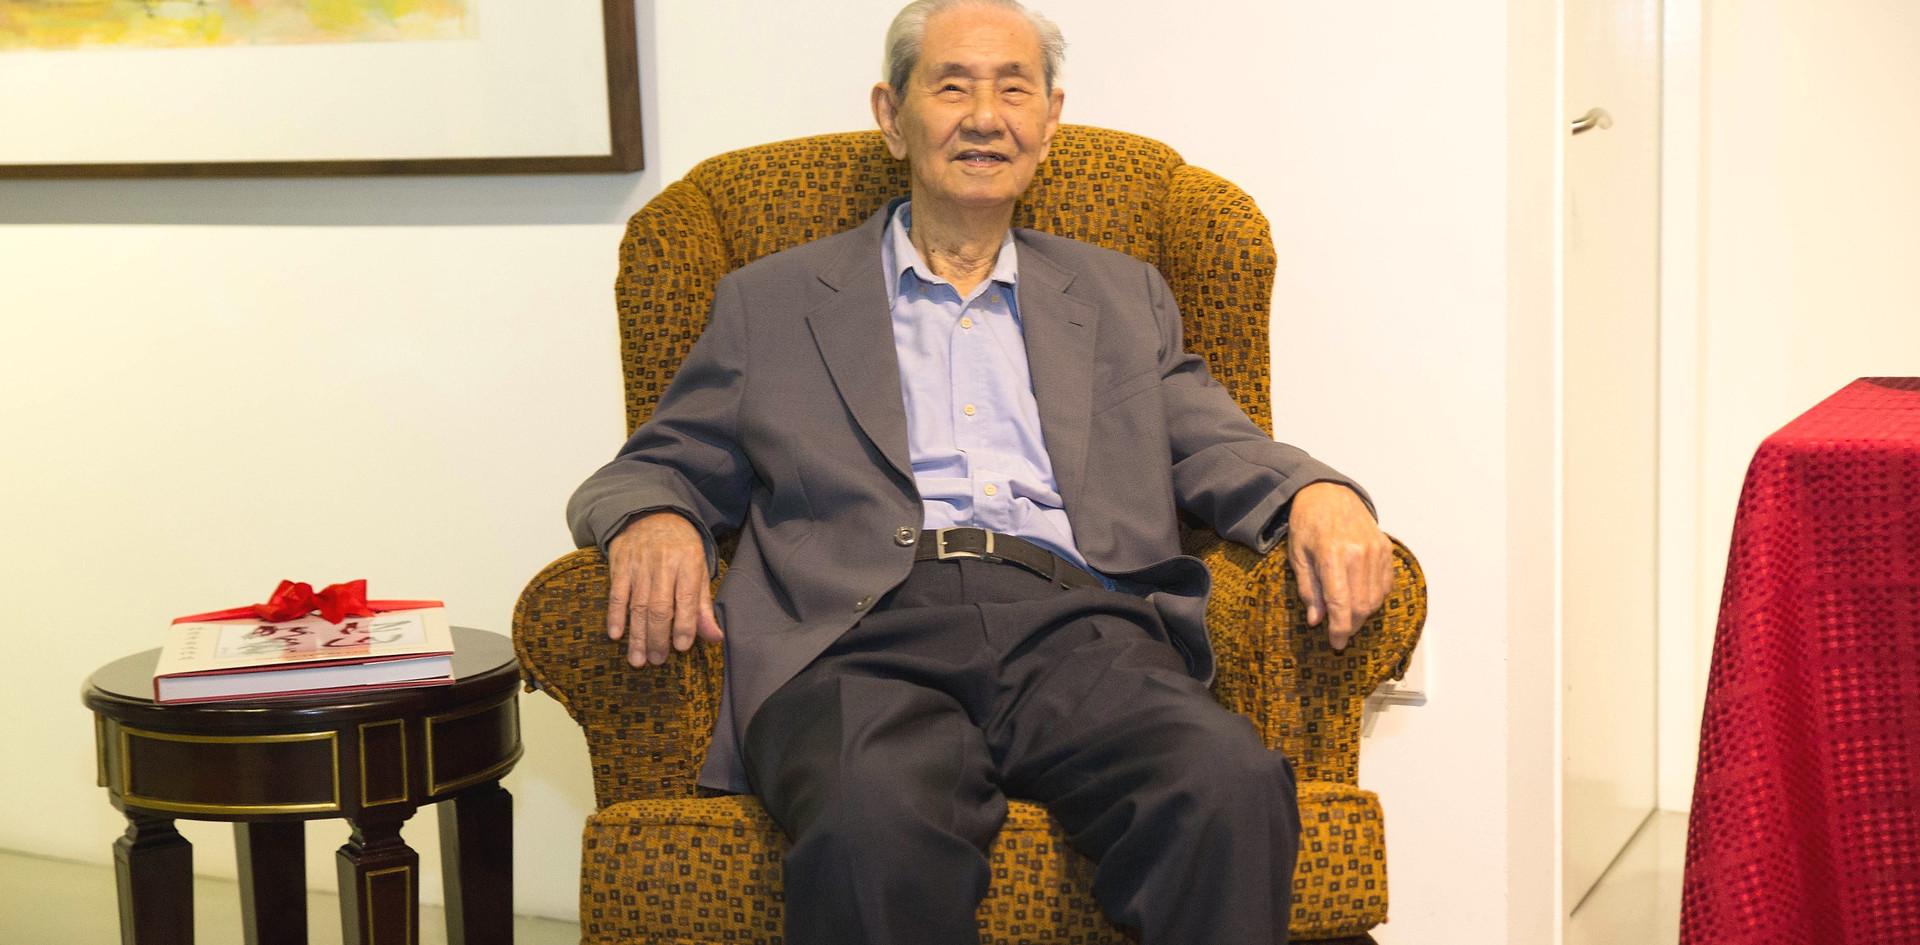 Mr. Lim Tze Peng